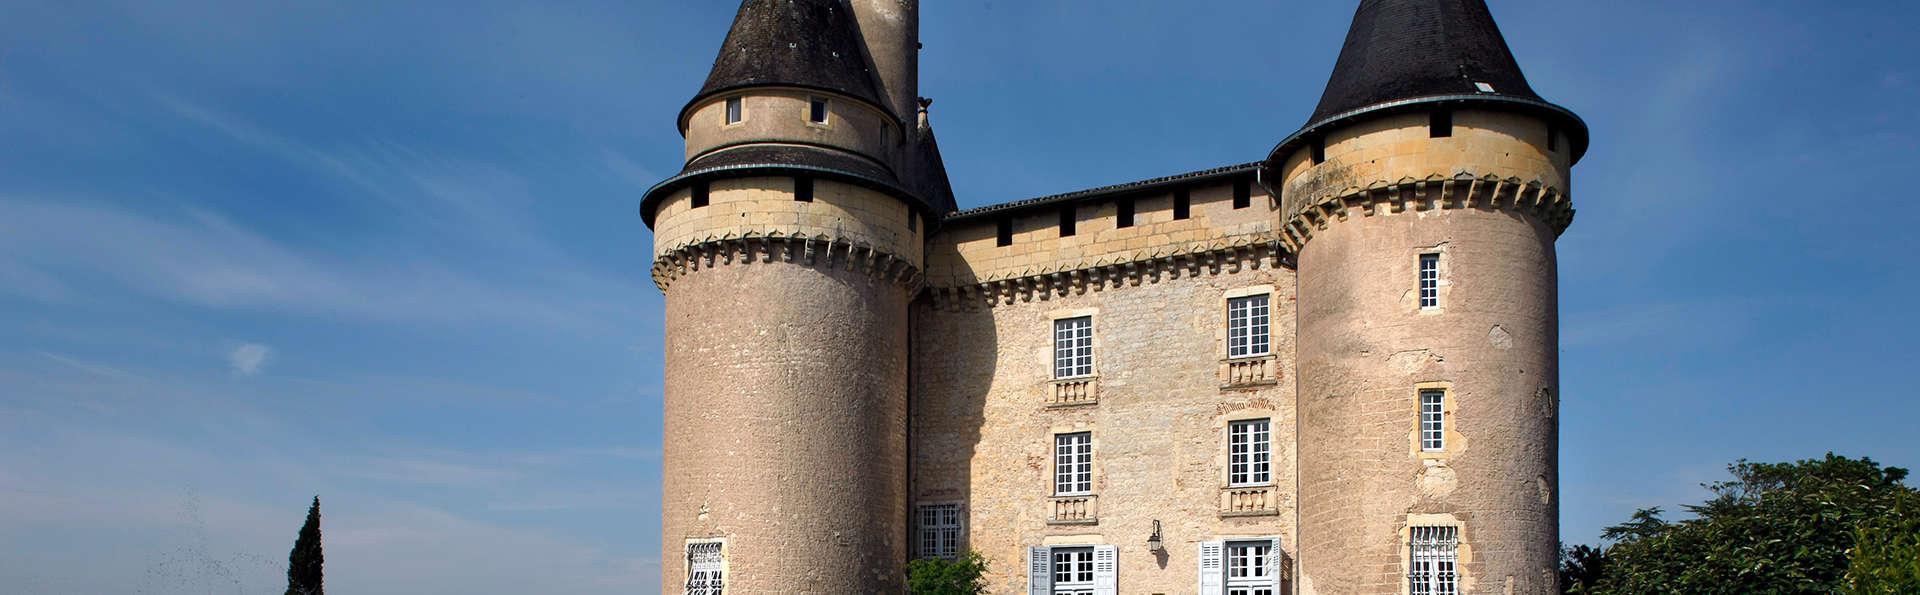 Château de Mercuès - edit_front3.jpg